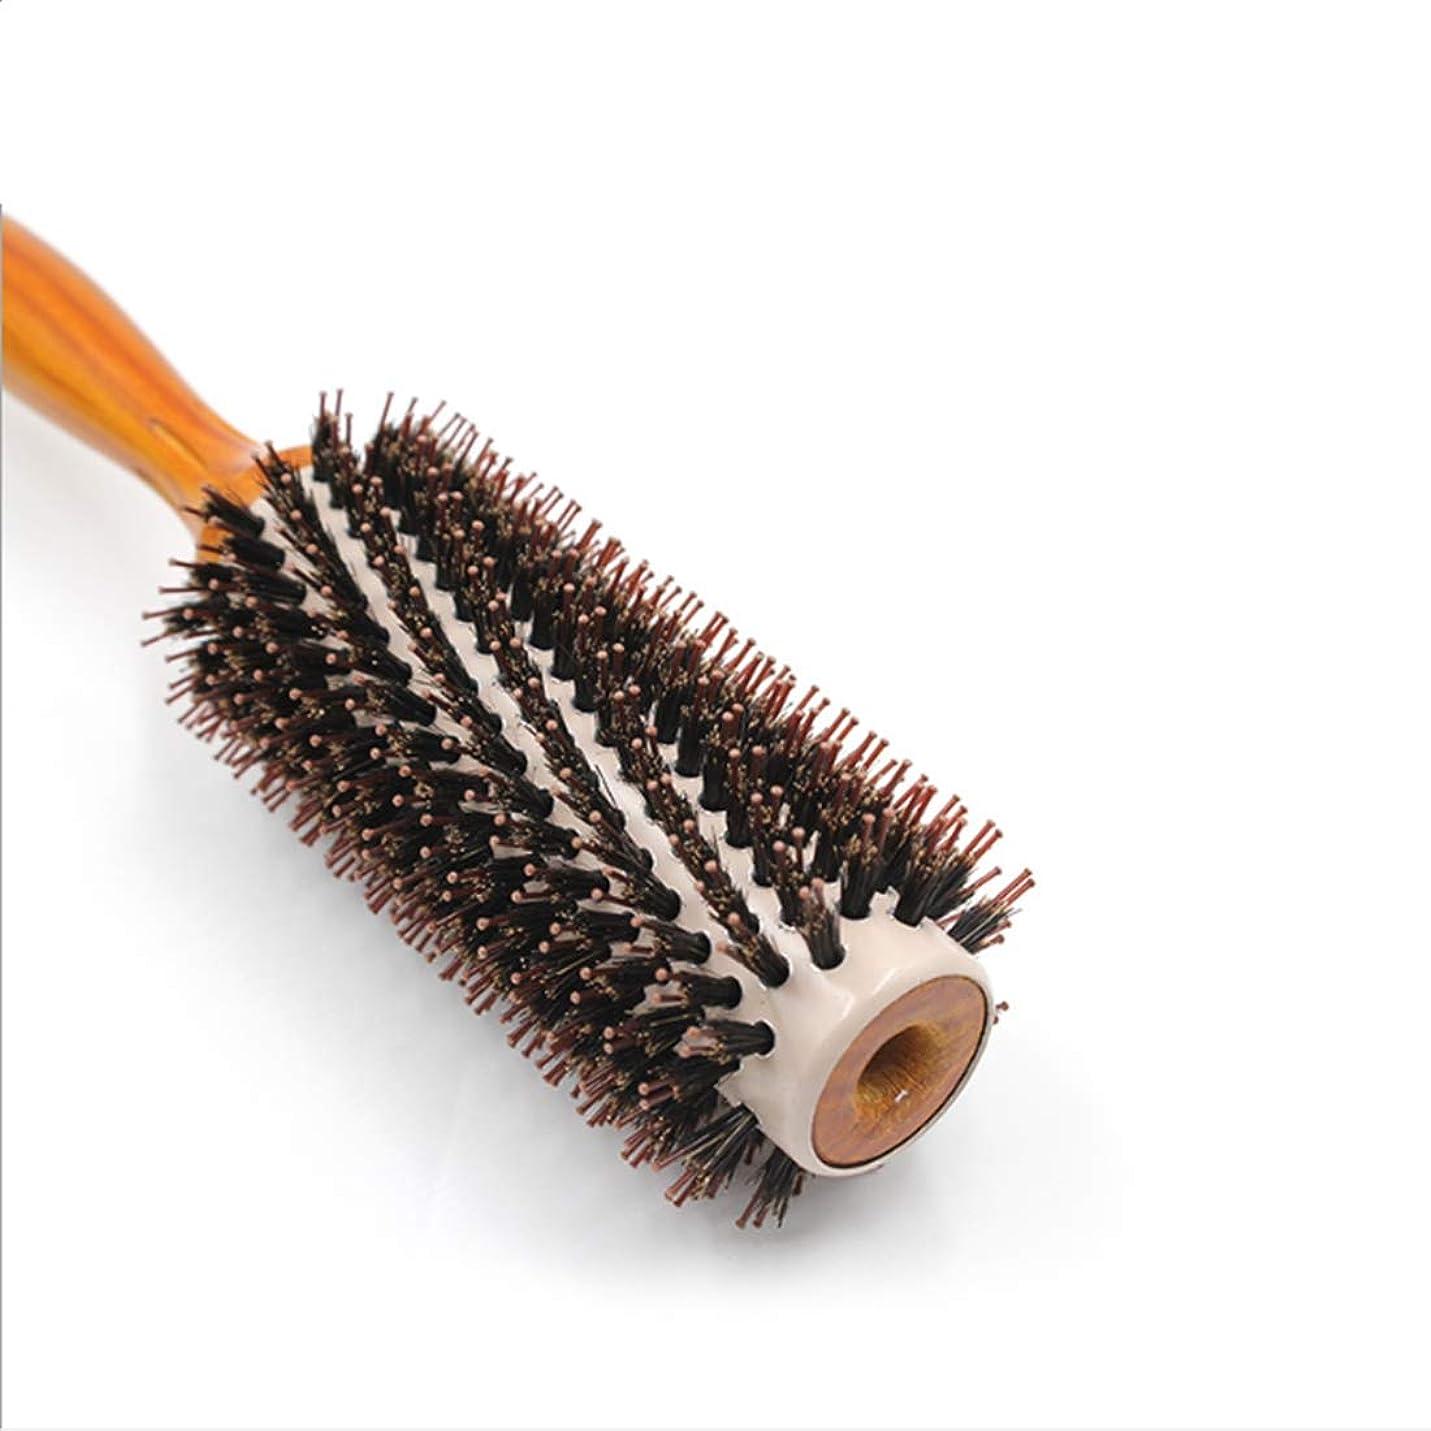 失業予防接種不毛(L/M/S/XL)女性のための25.3センチラウンドスタイリングヘアブラシ - ビッグフラワーコーム理髪 - 女性と男性のための自然な木製のハンドルが付いているブローストレート&カーリングロールヘアブラシたてがみ モデリングツール (サイズ : XL)